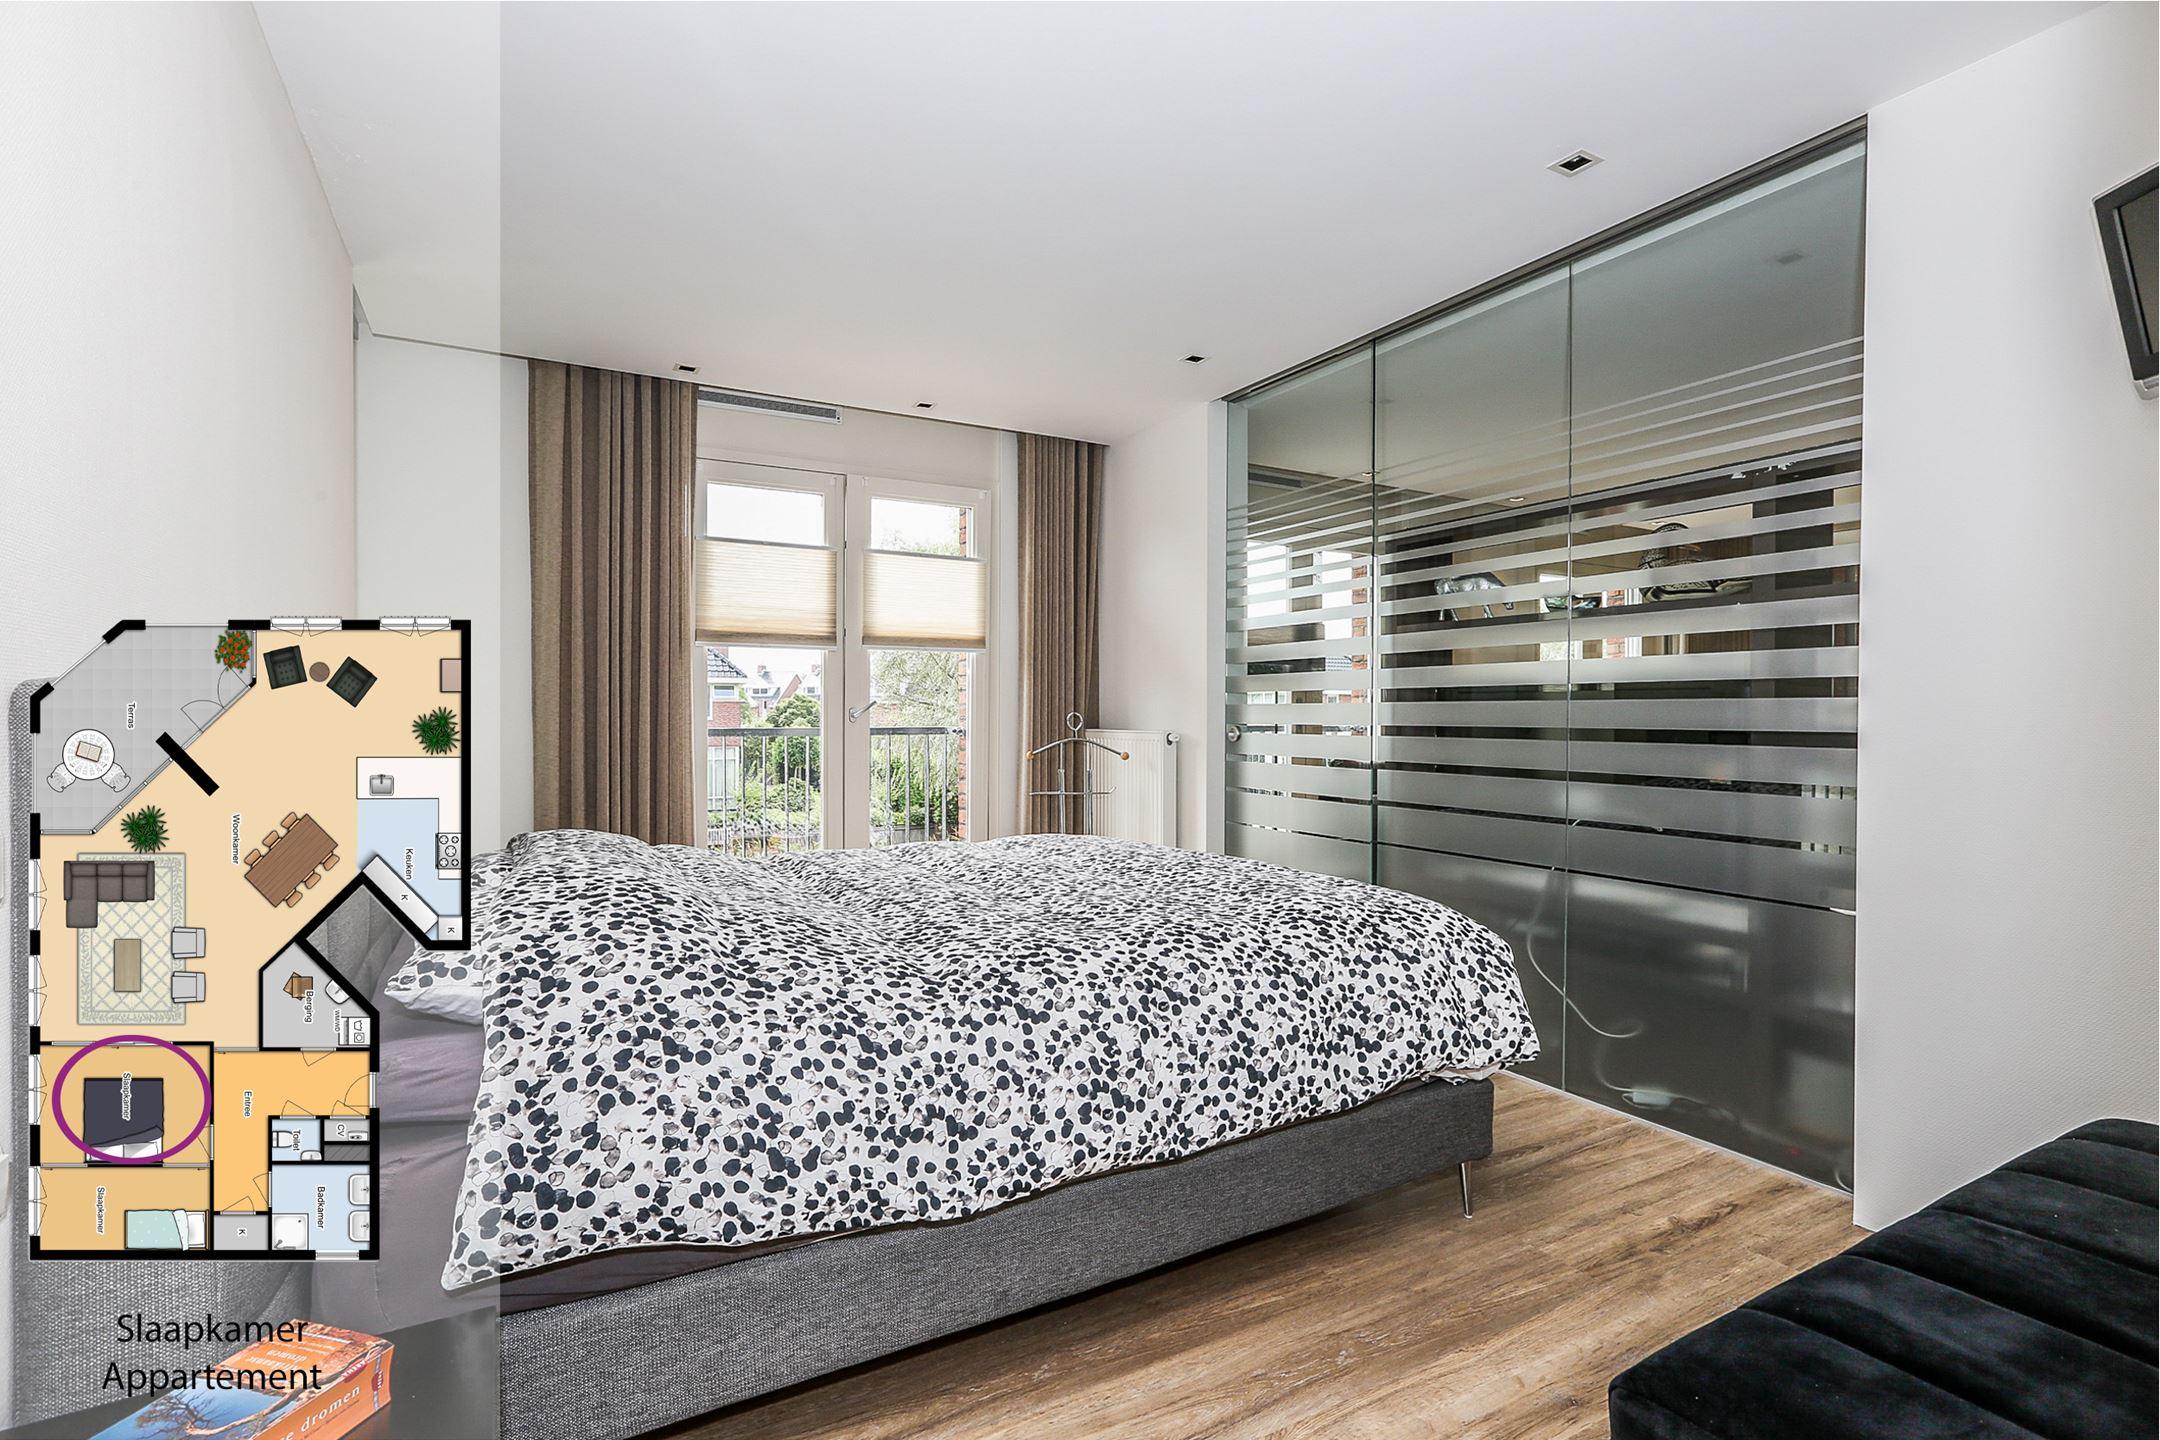 Appartement te koop: boechorsthof 73 2201 xm noordwijk zh [funda]